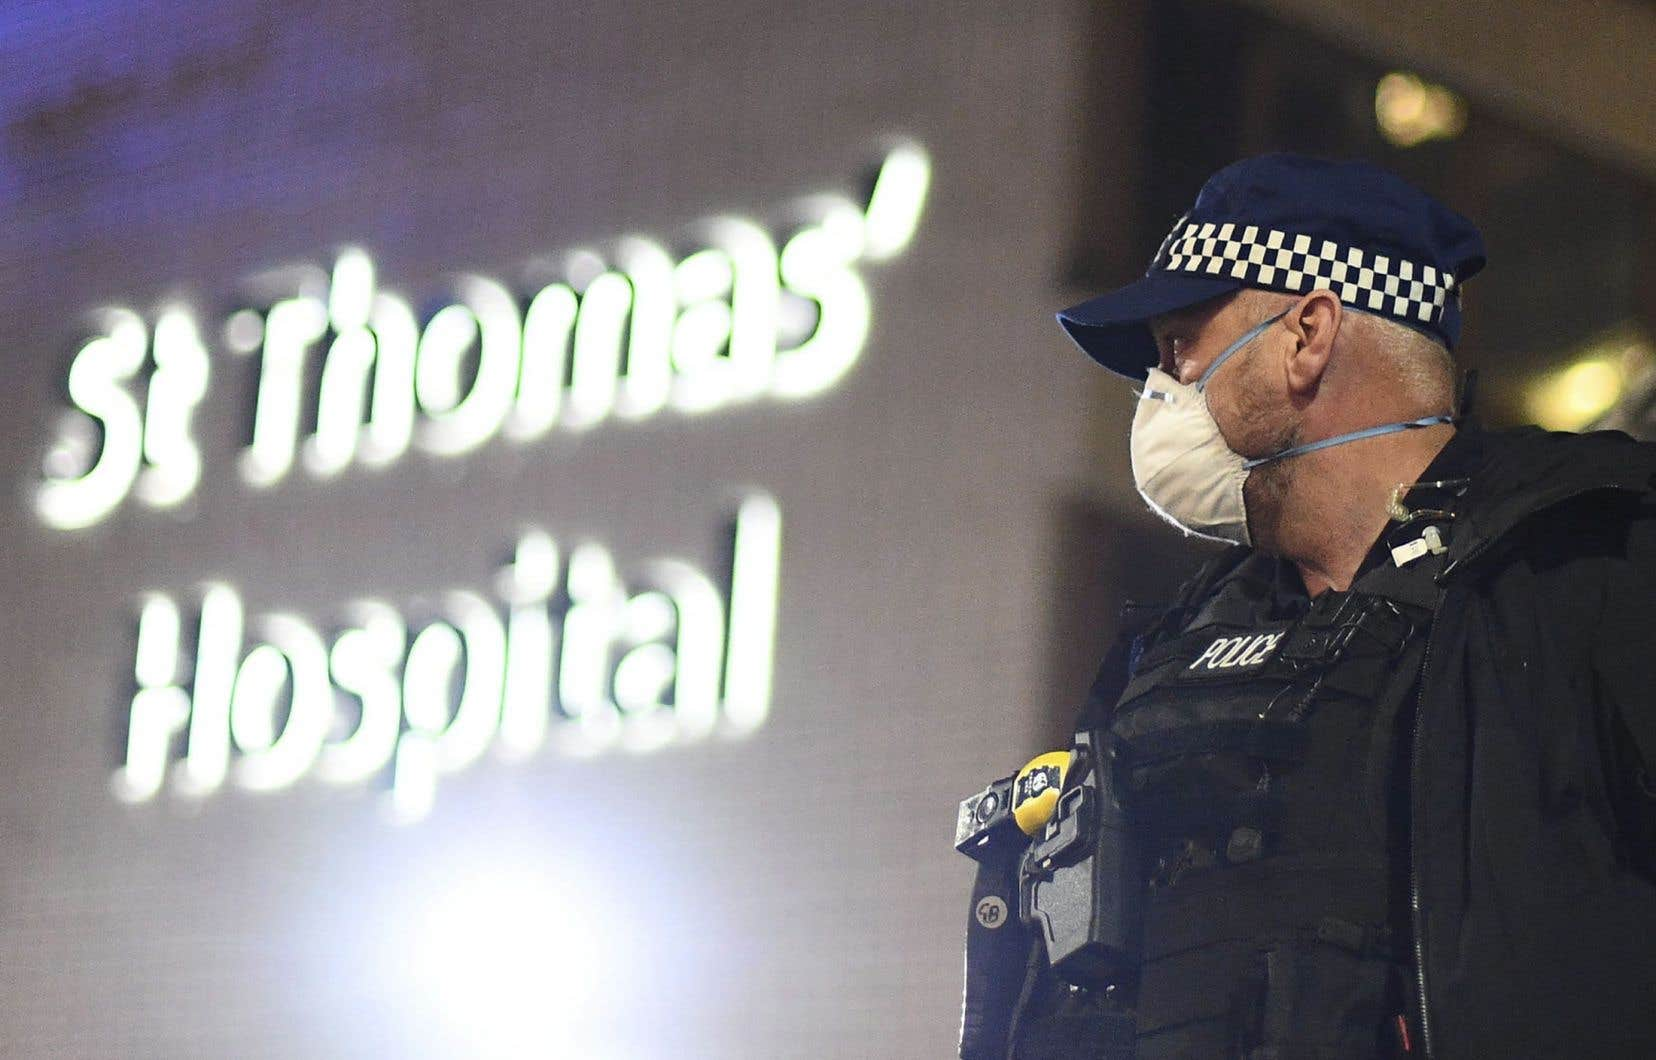 L'admission dimanche à l'hôpital londonien de St. Thomas du premier ministre britannique, Boris Johnson, puis son transfert aux soins intensifs le lendemain soir ont provoqué un électrochoc au Royaume-Uni.